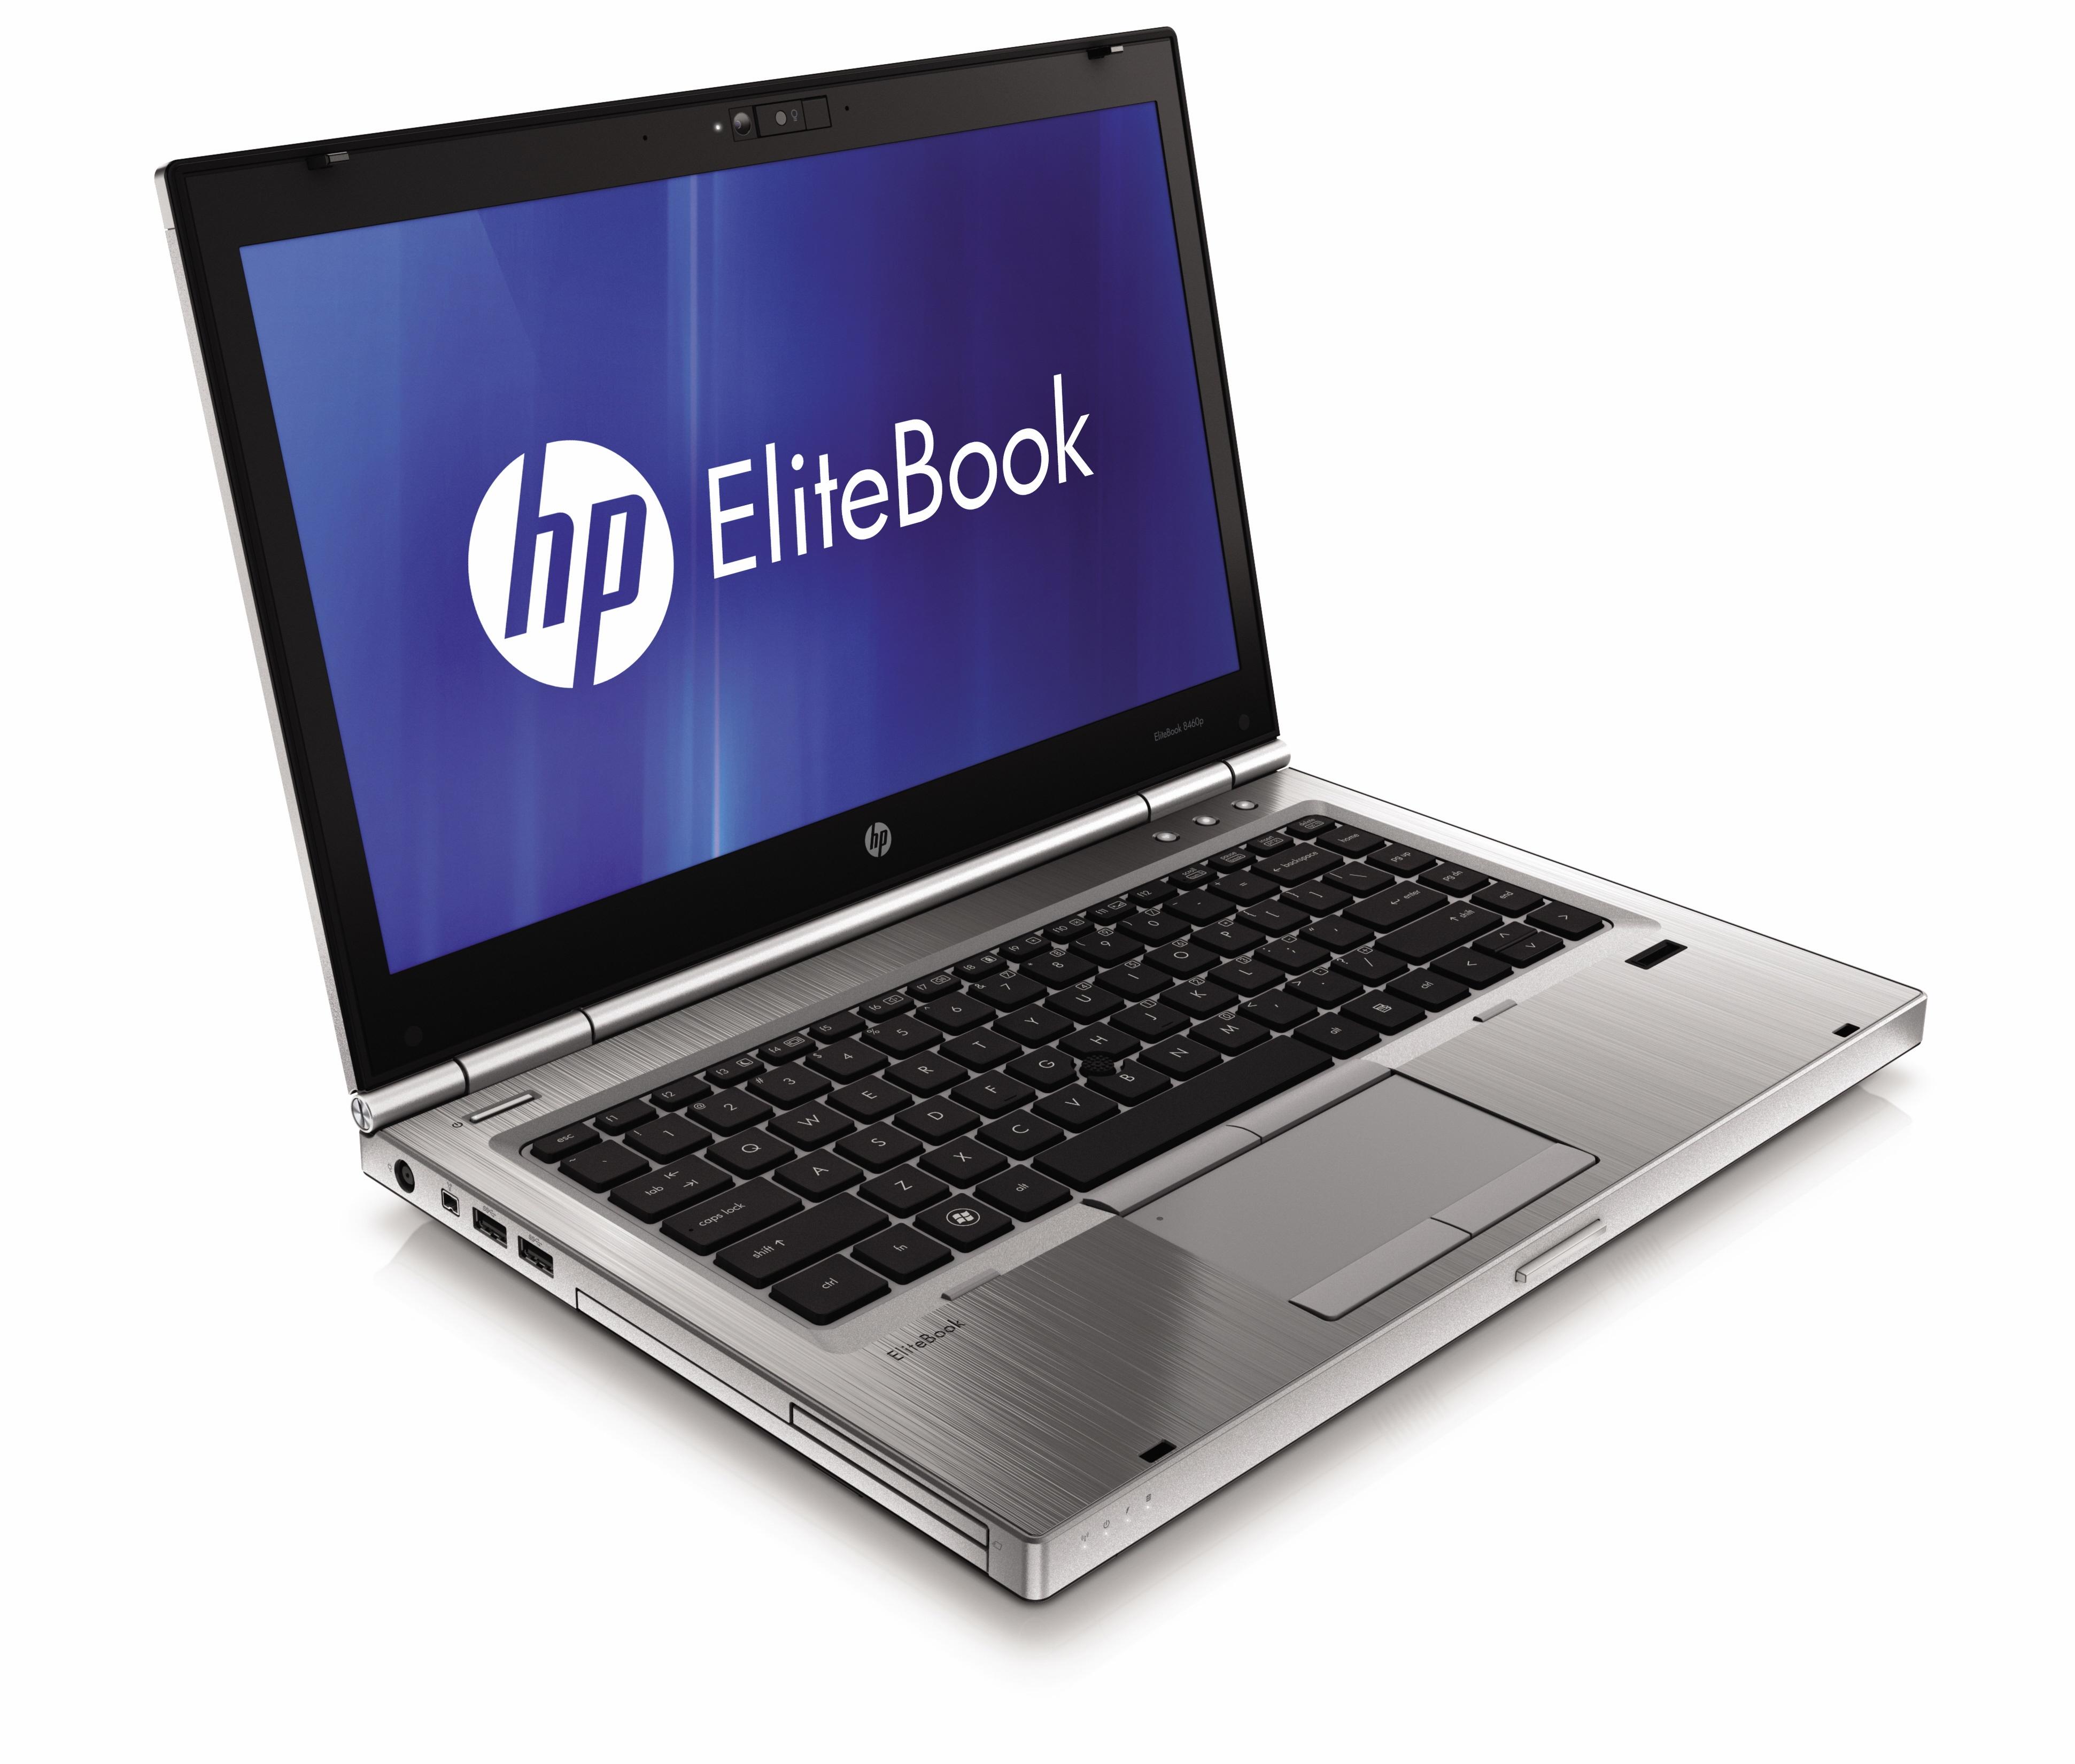 HP Elitebook 8460p WIN 10